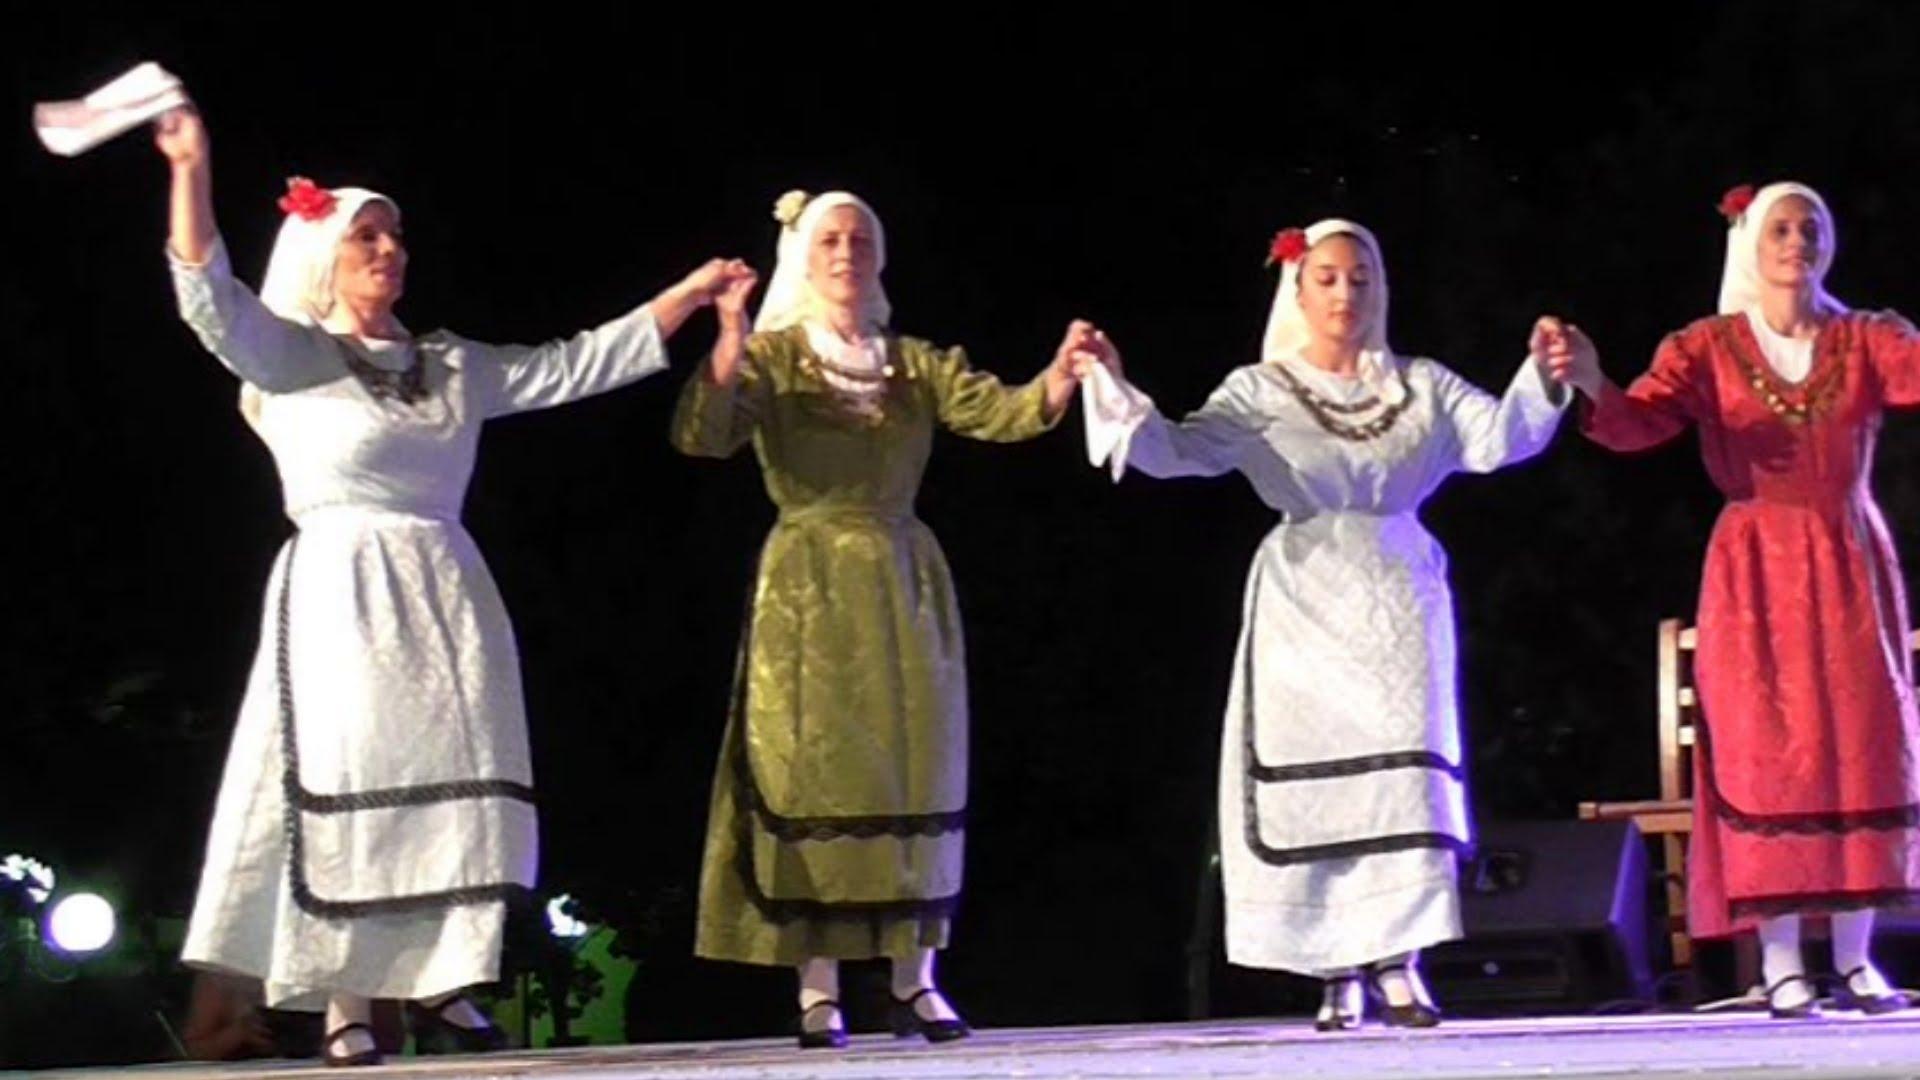 Δήμος Μεσσήνης: Ξεκινούν οι εγγραφές στο Τμήμα Εκμάθησης Παραδοσιακών Χορών